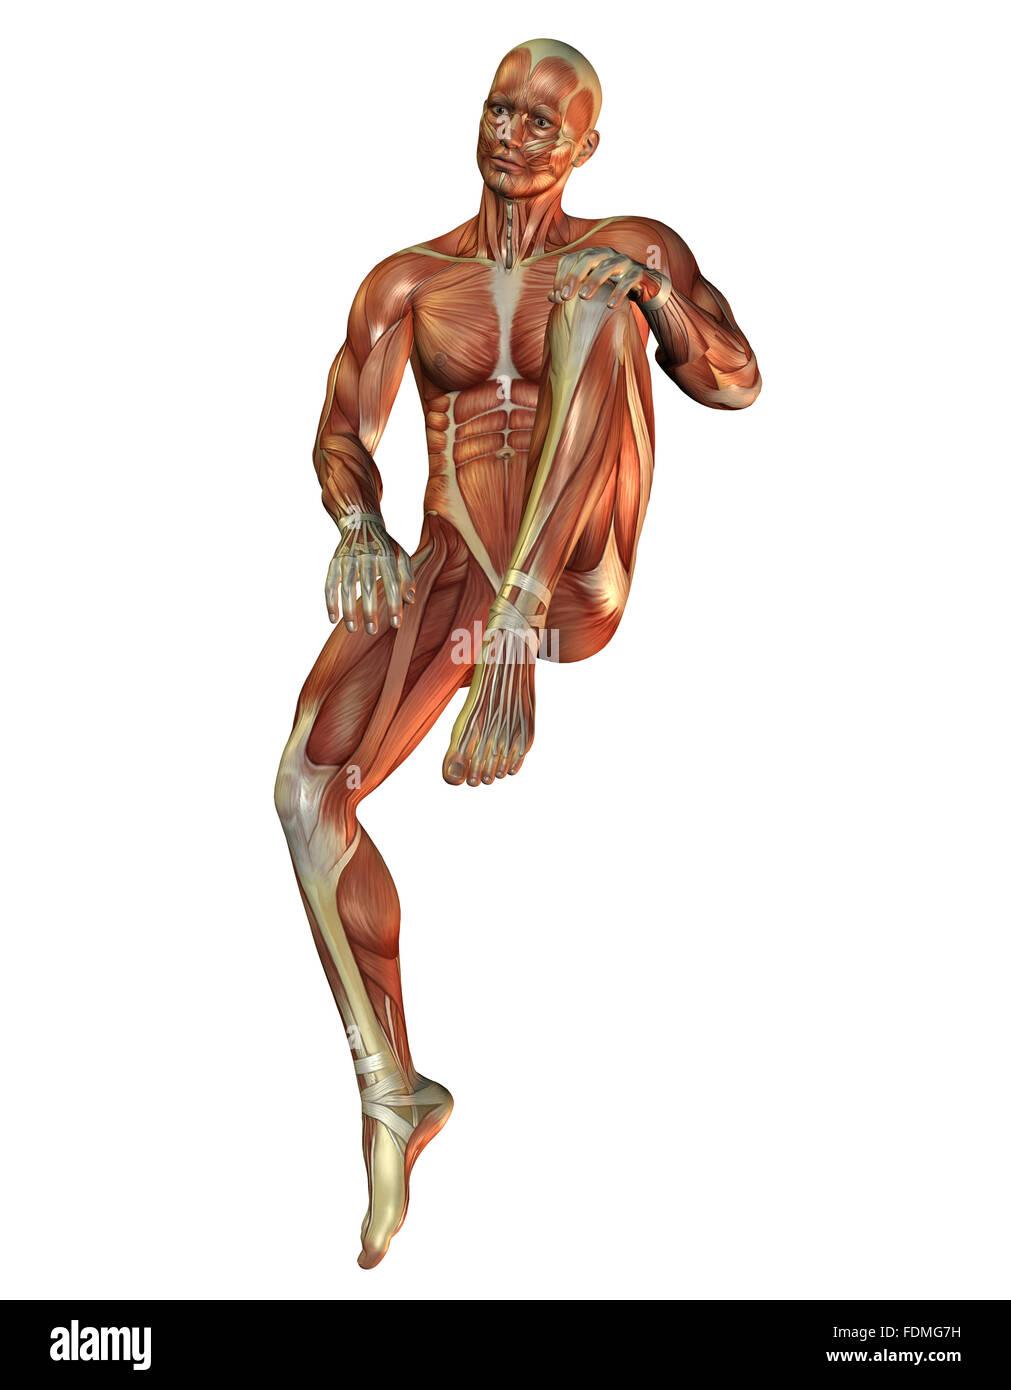 Anatomie, Muskeln, medizinische Illustrationen Stockbild